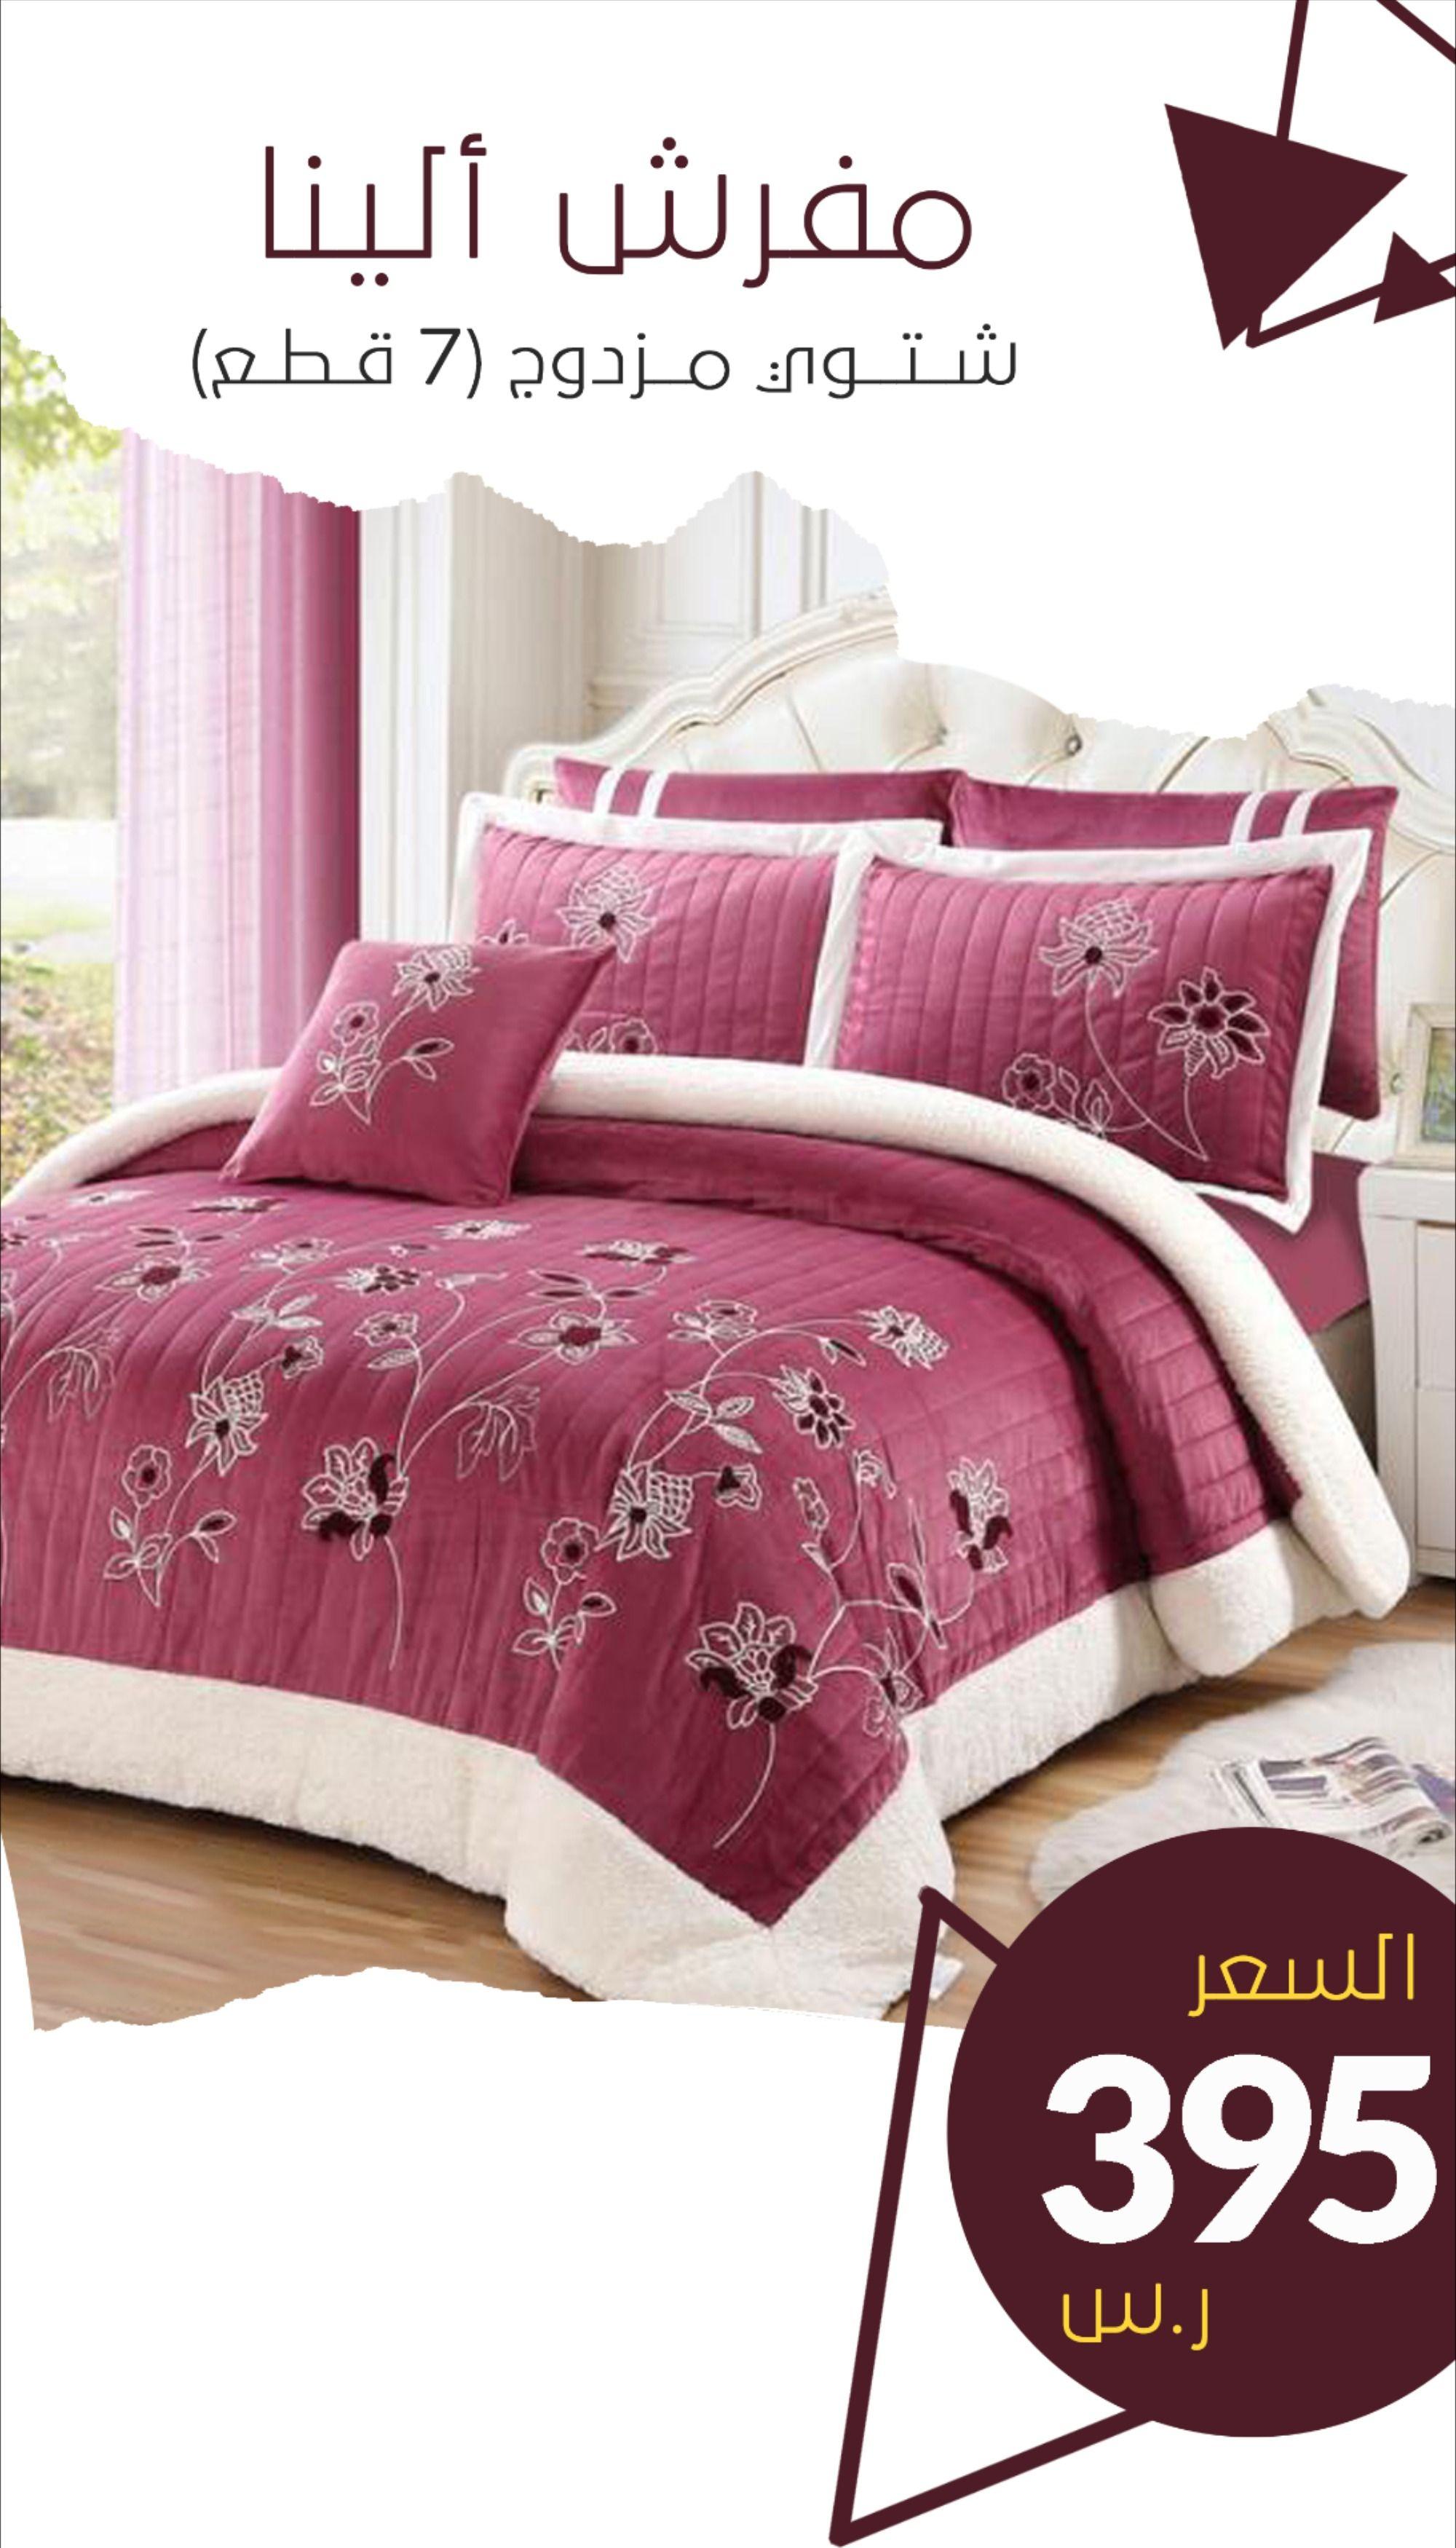 مفرش شتوي مزدوج جديد مفارش ميلين Bed Blanket Comforters